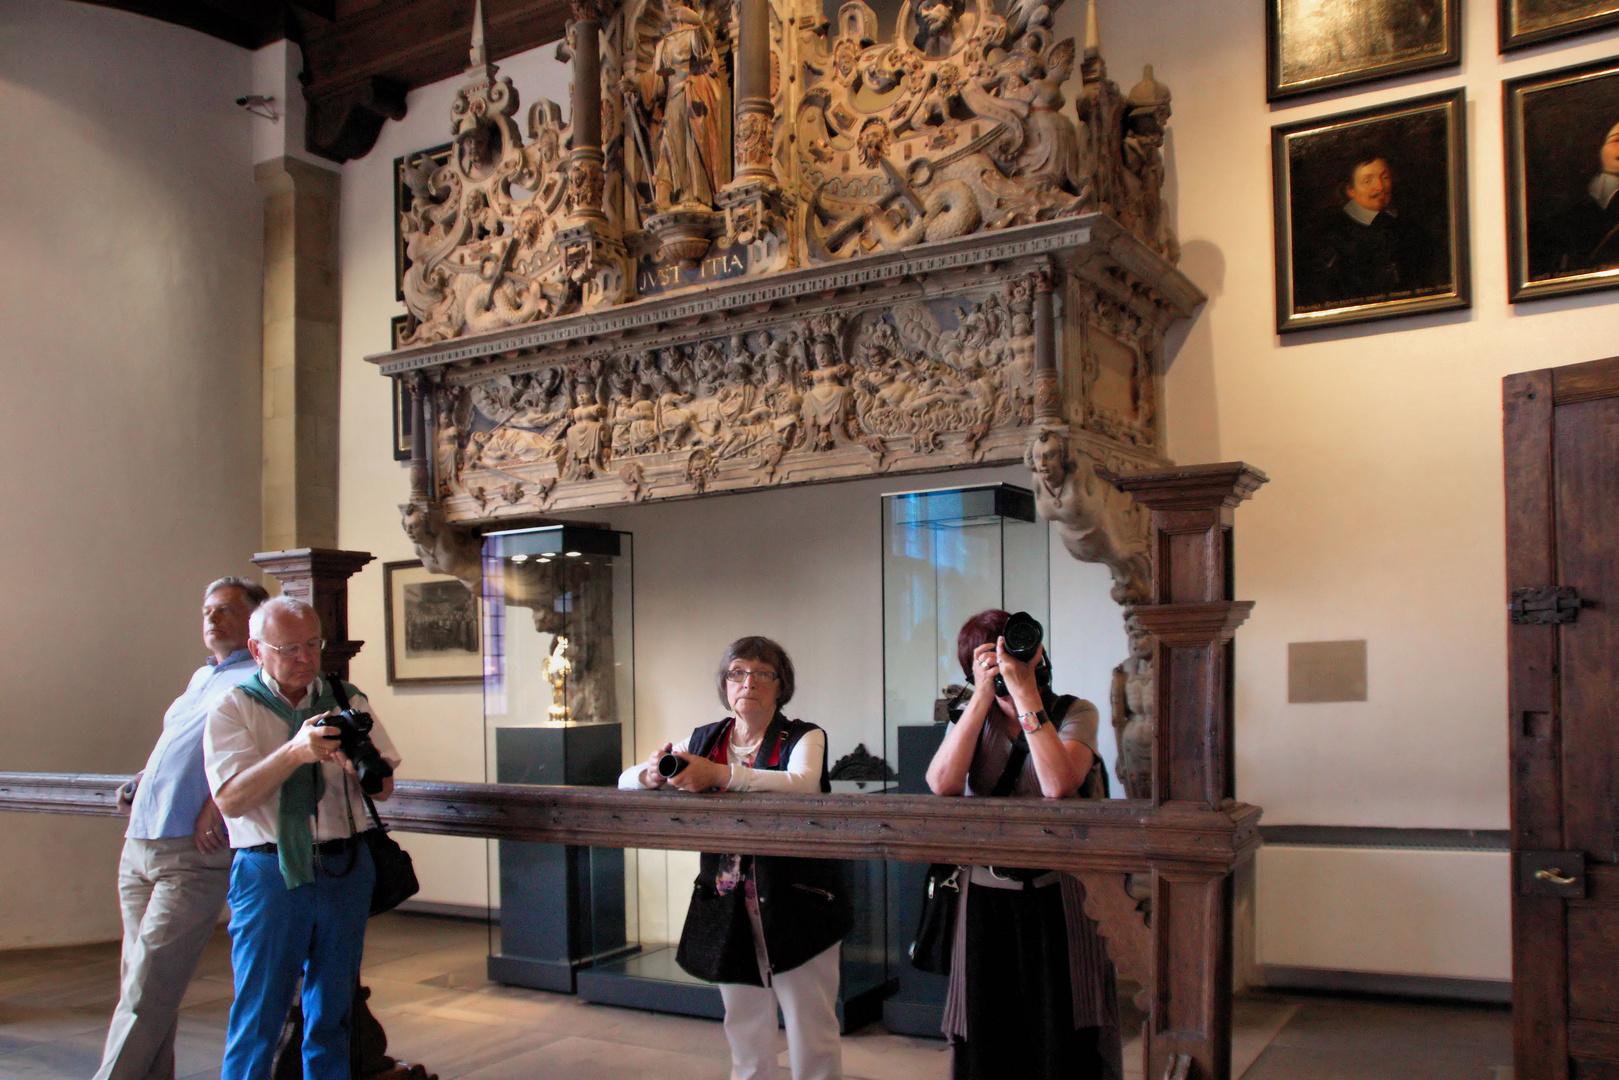 Friedenssaal im historischen Rathaus Münster